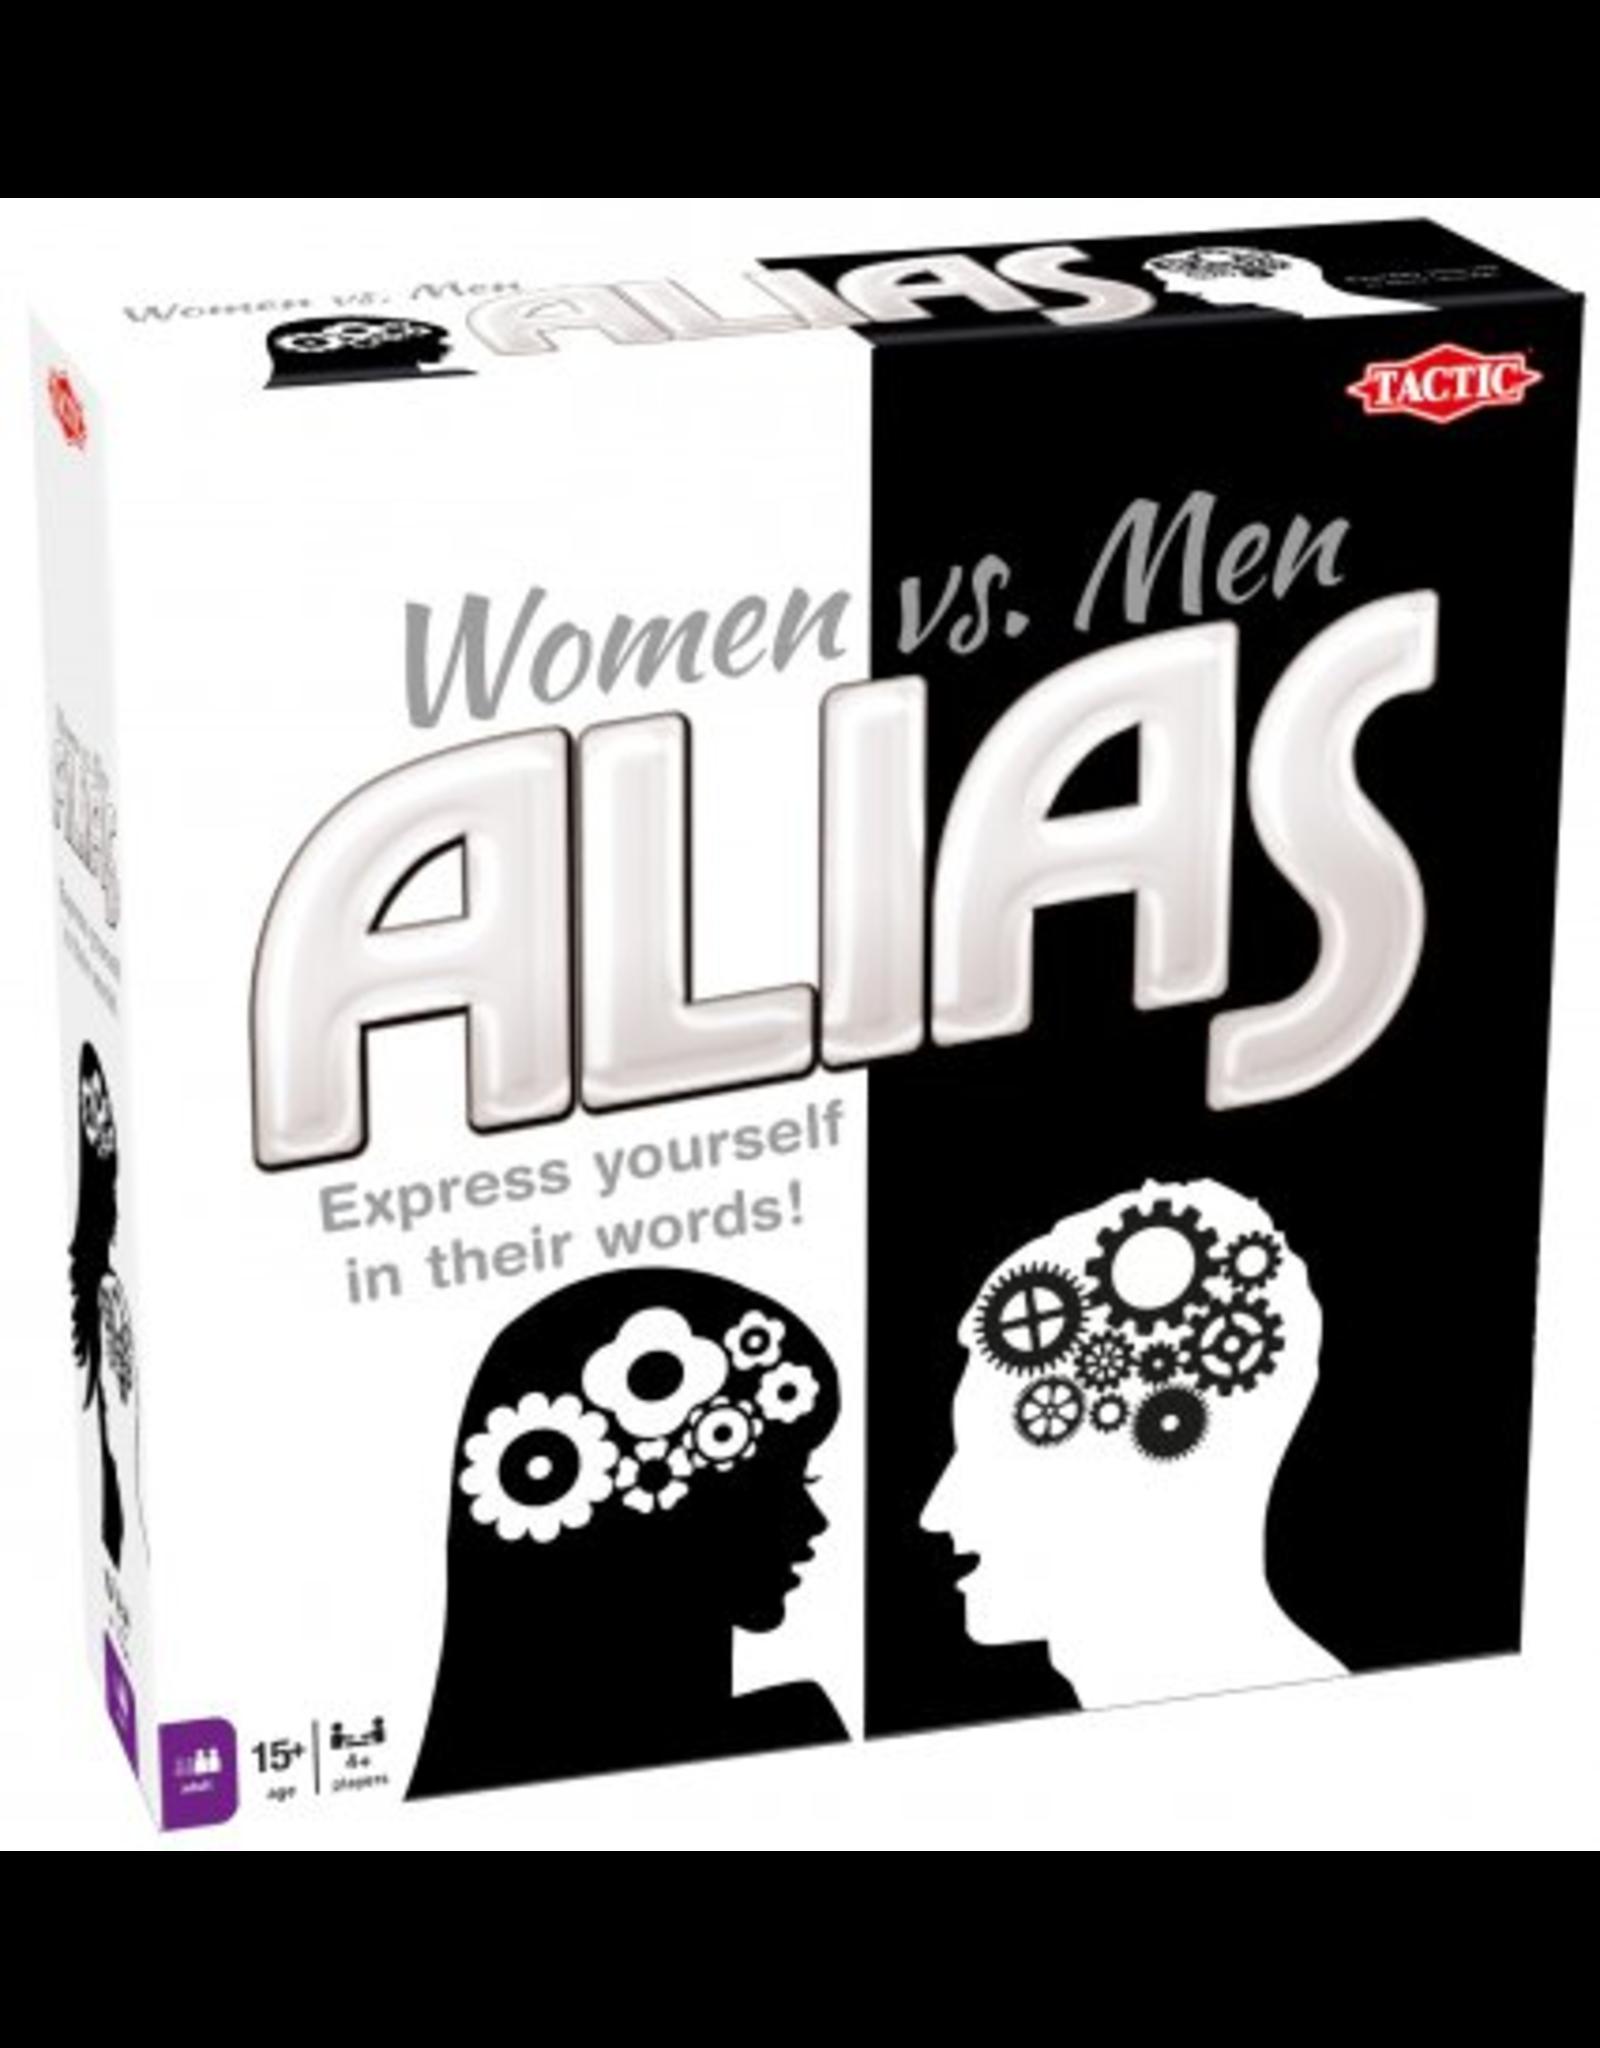 ALIAS: WOMEN VS MEN